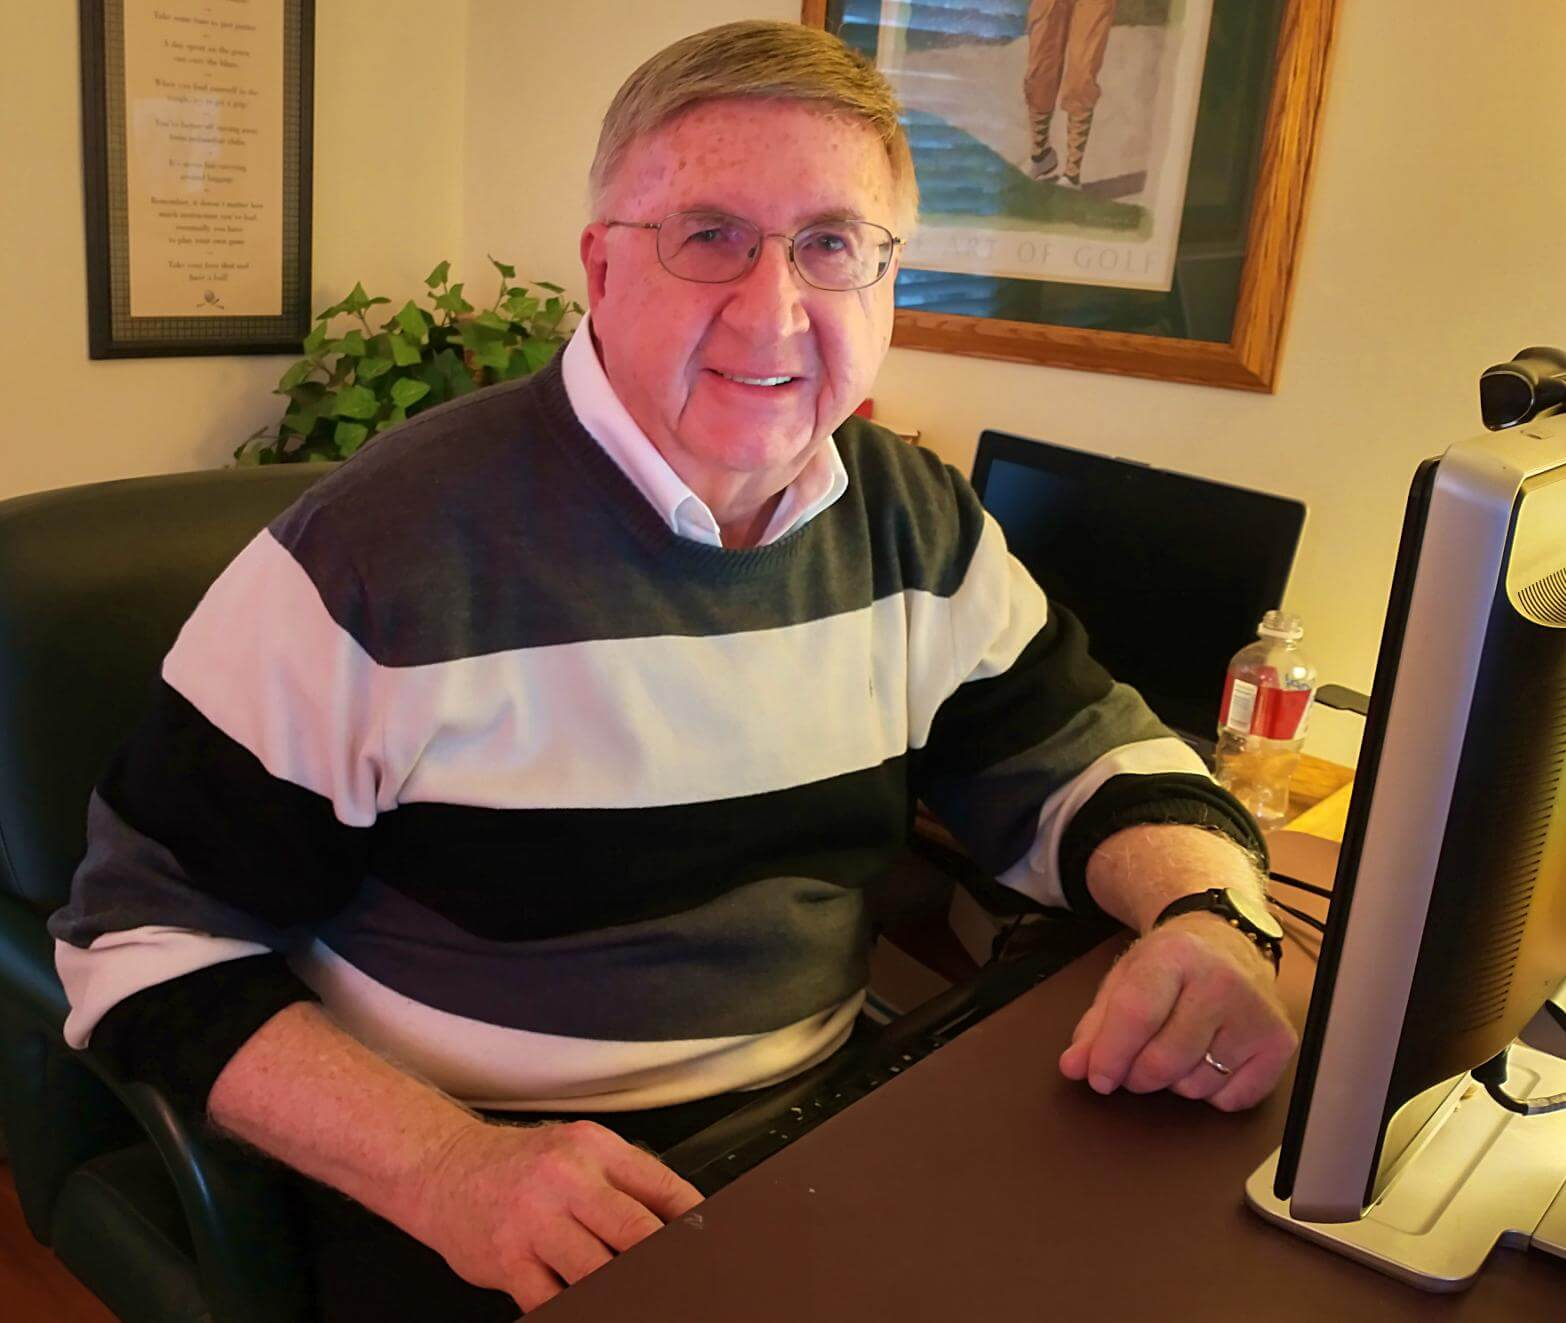 Ken at Computer